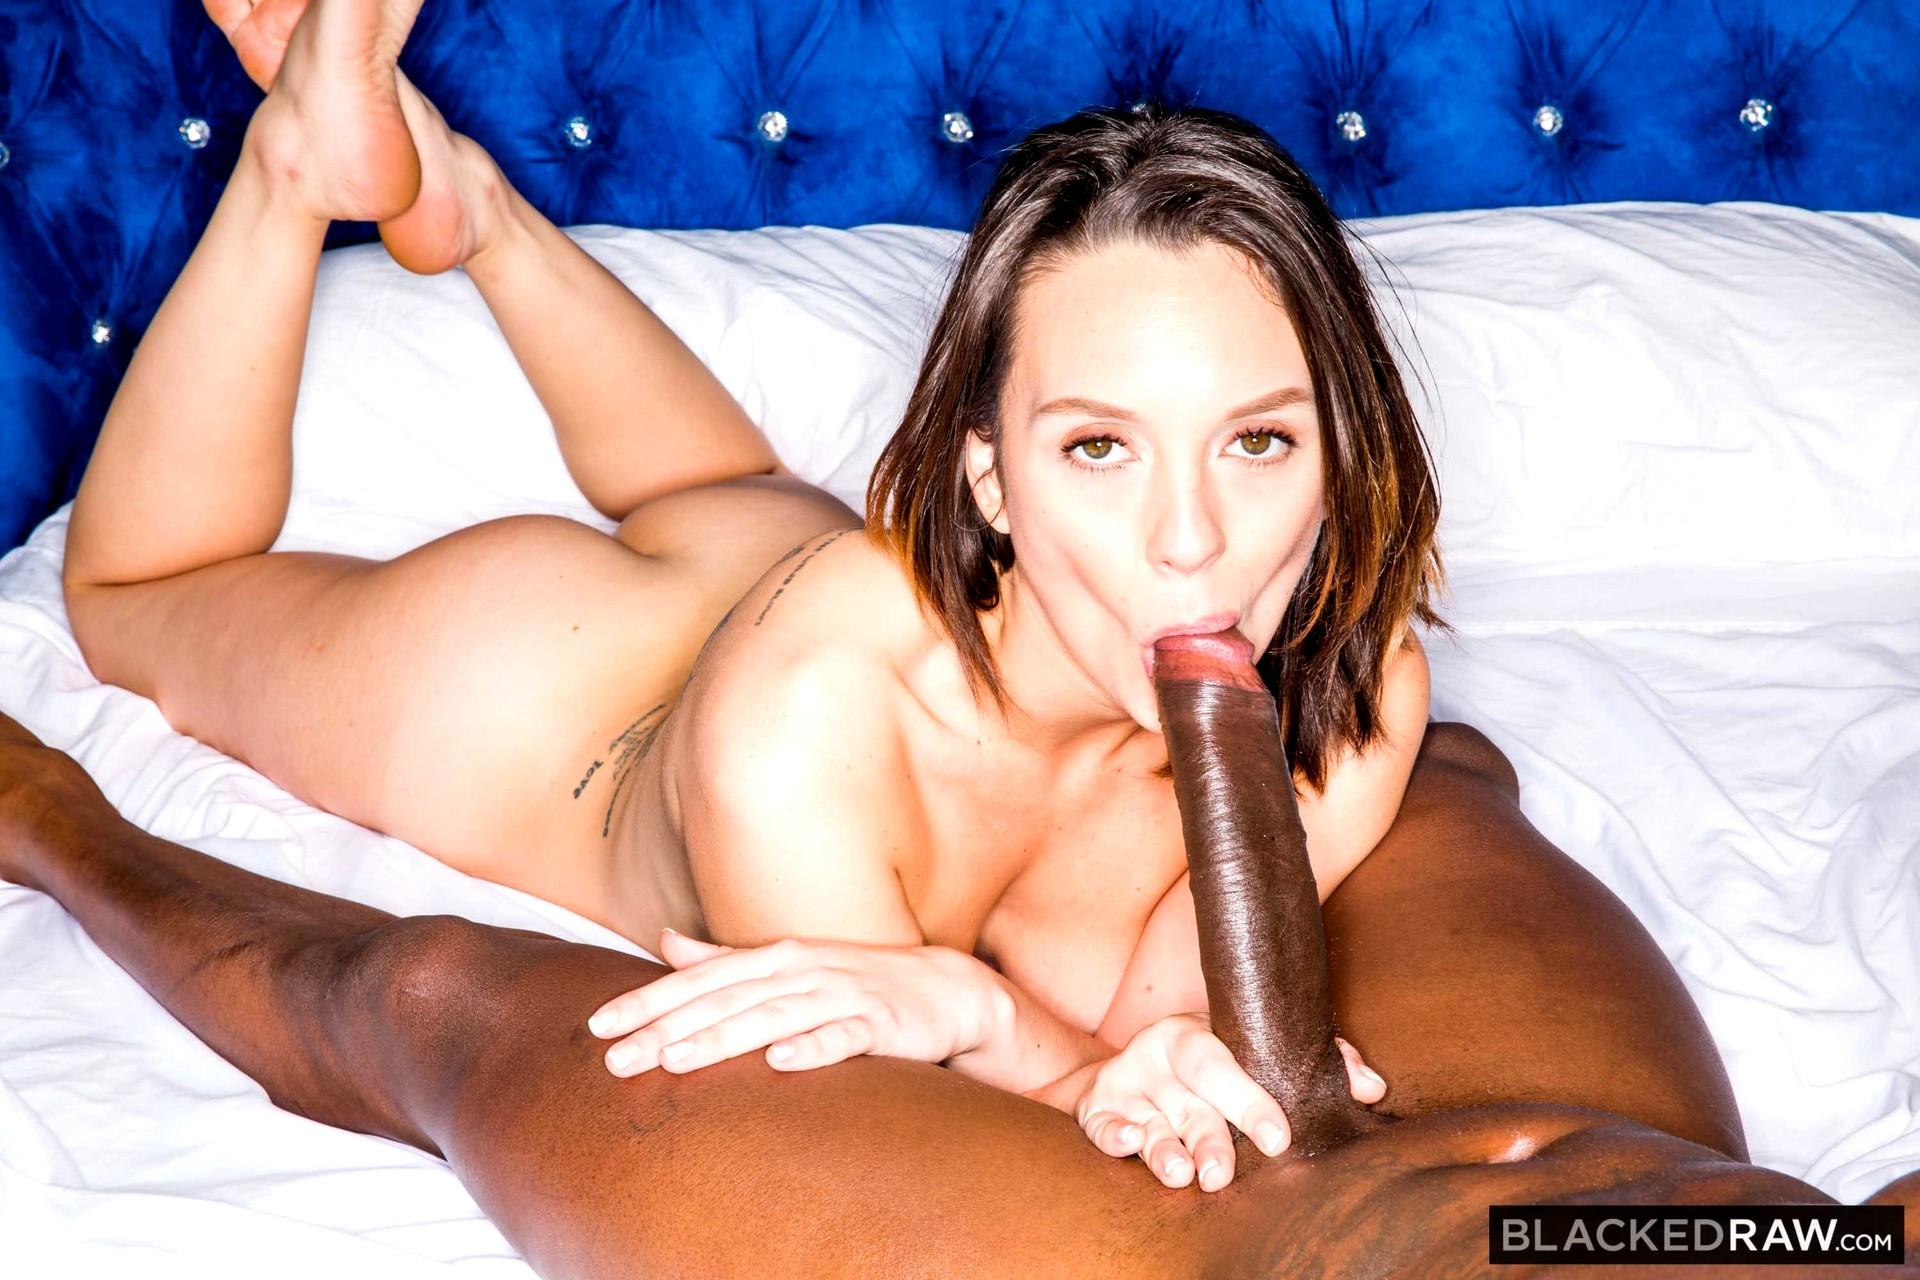 Kyra hot steaming hot boobies - 1 10